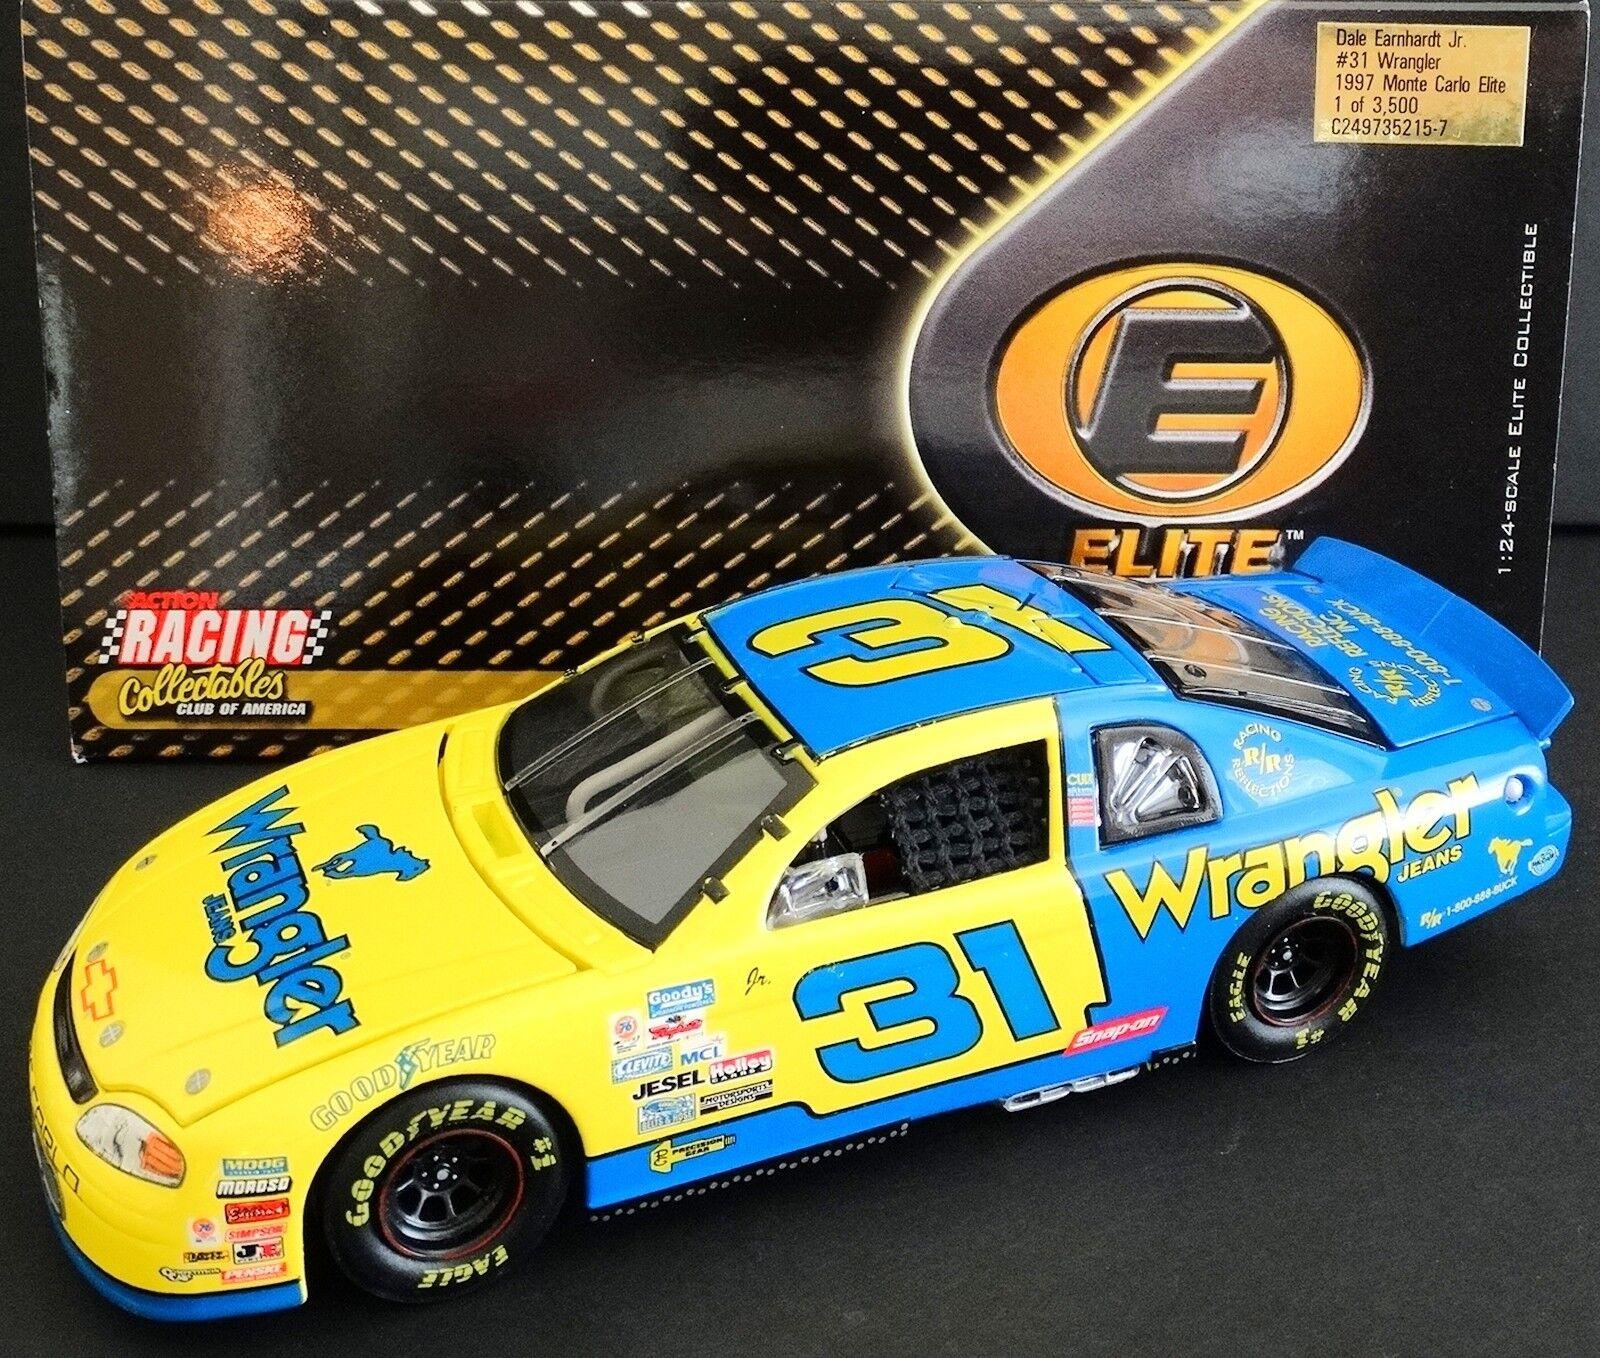 Dale Earnhardt, Jr. Vaquero 1 24 Elite Rookie 1997 Monte Carlo 2120 3500